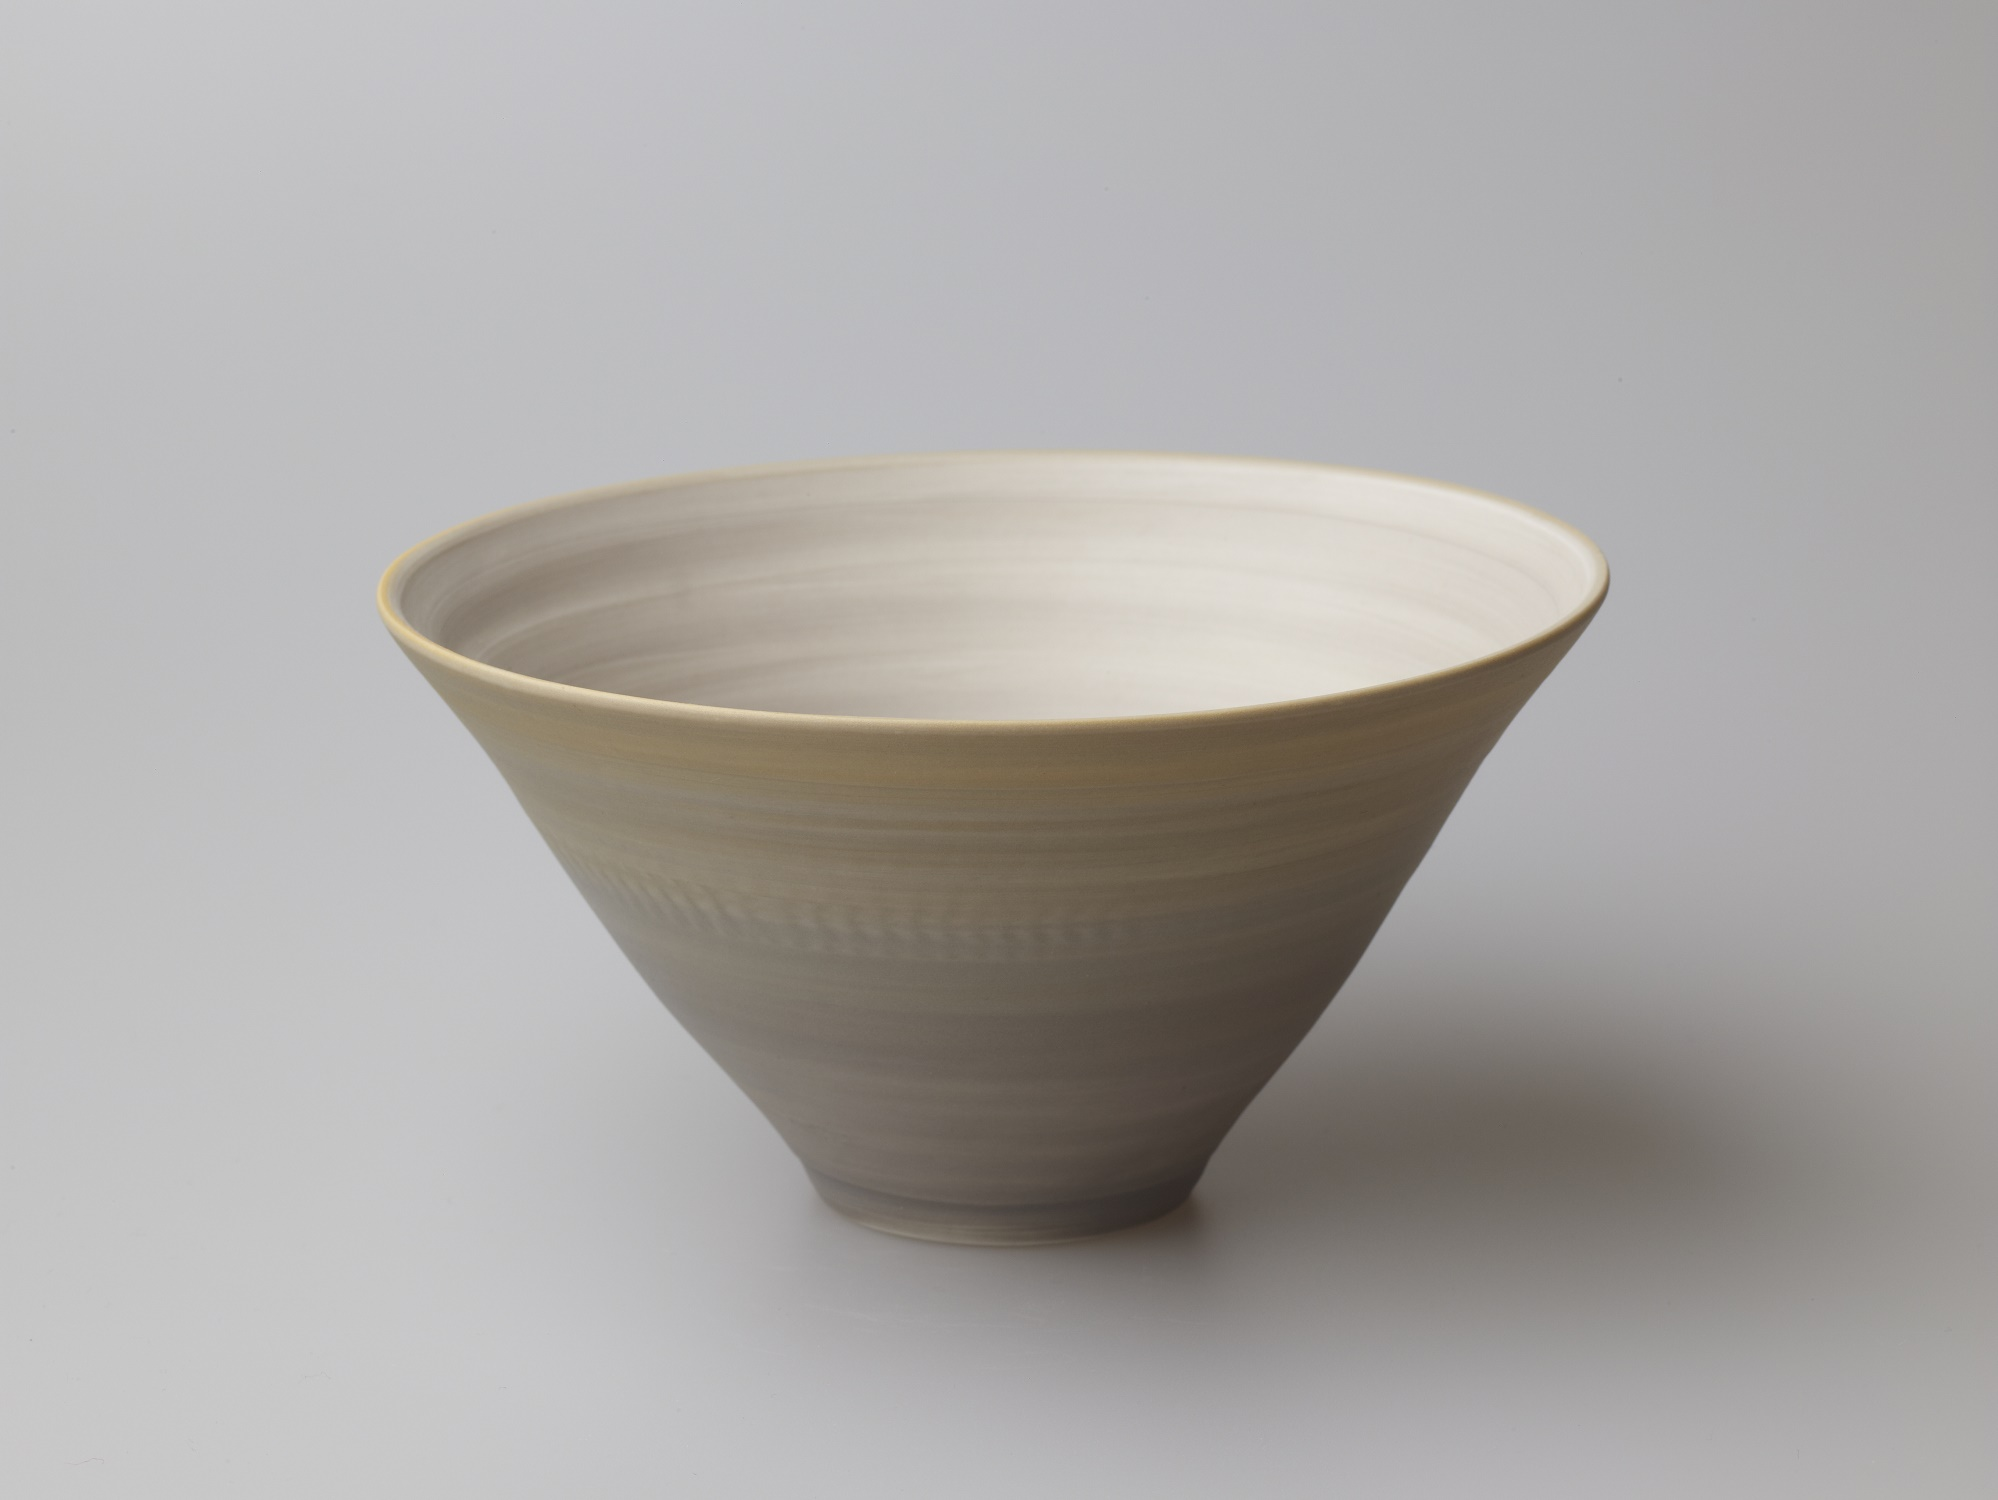 Medium Grey and Orange Bowl  16 x 8.5 cm  £80